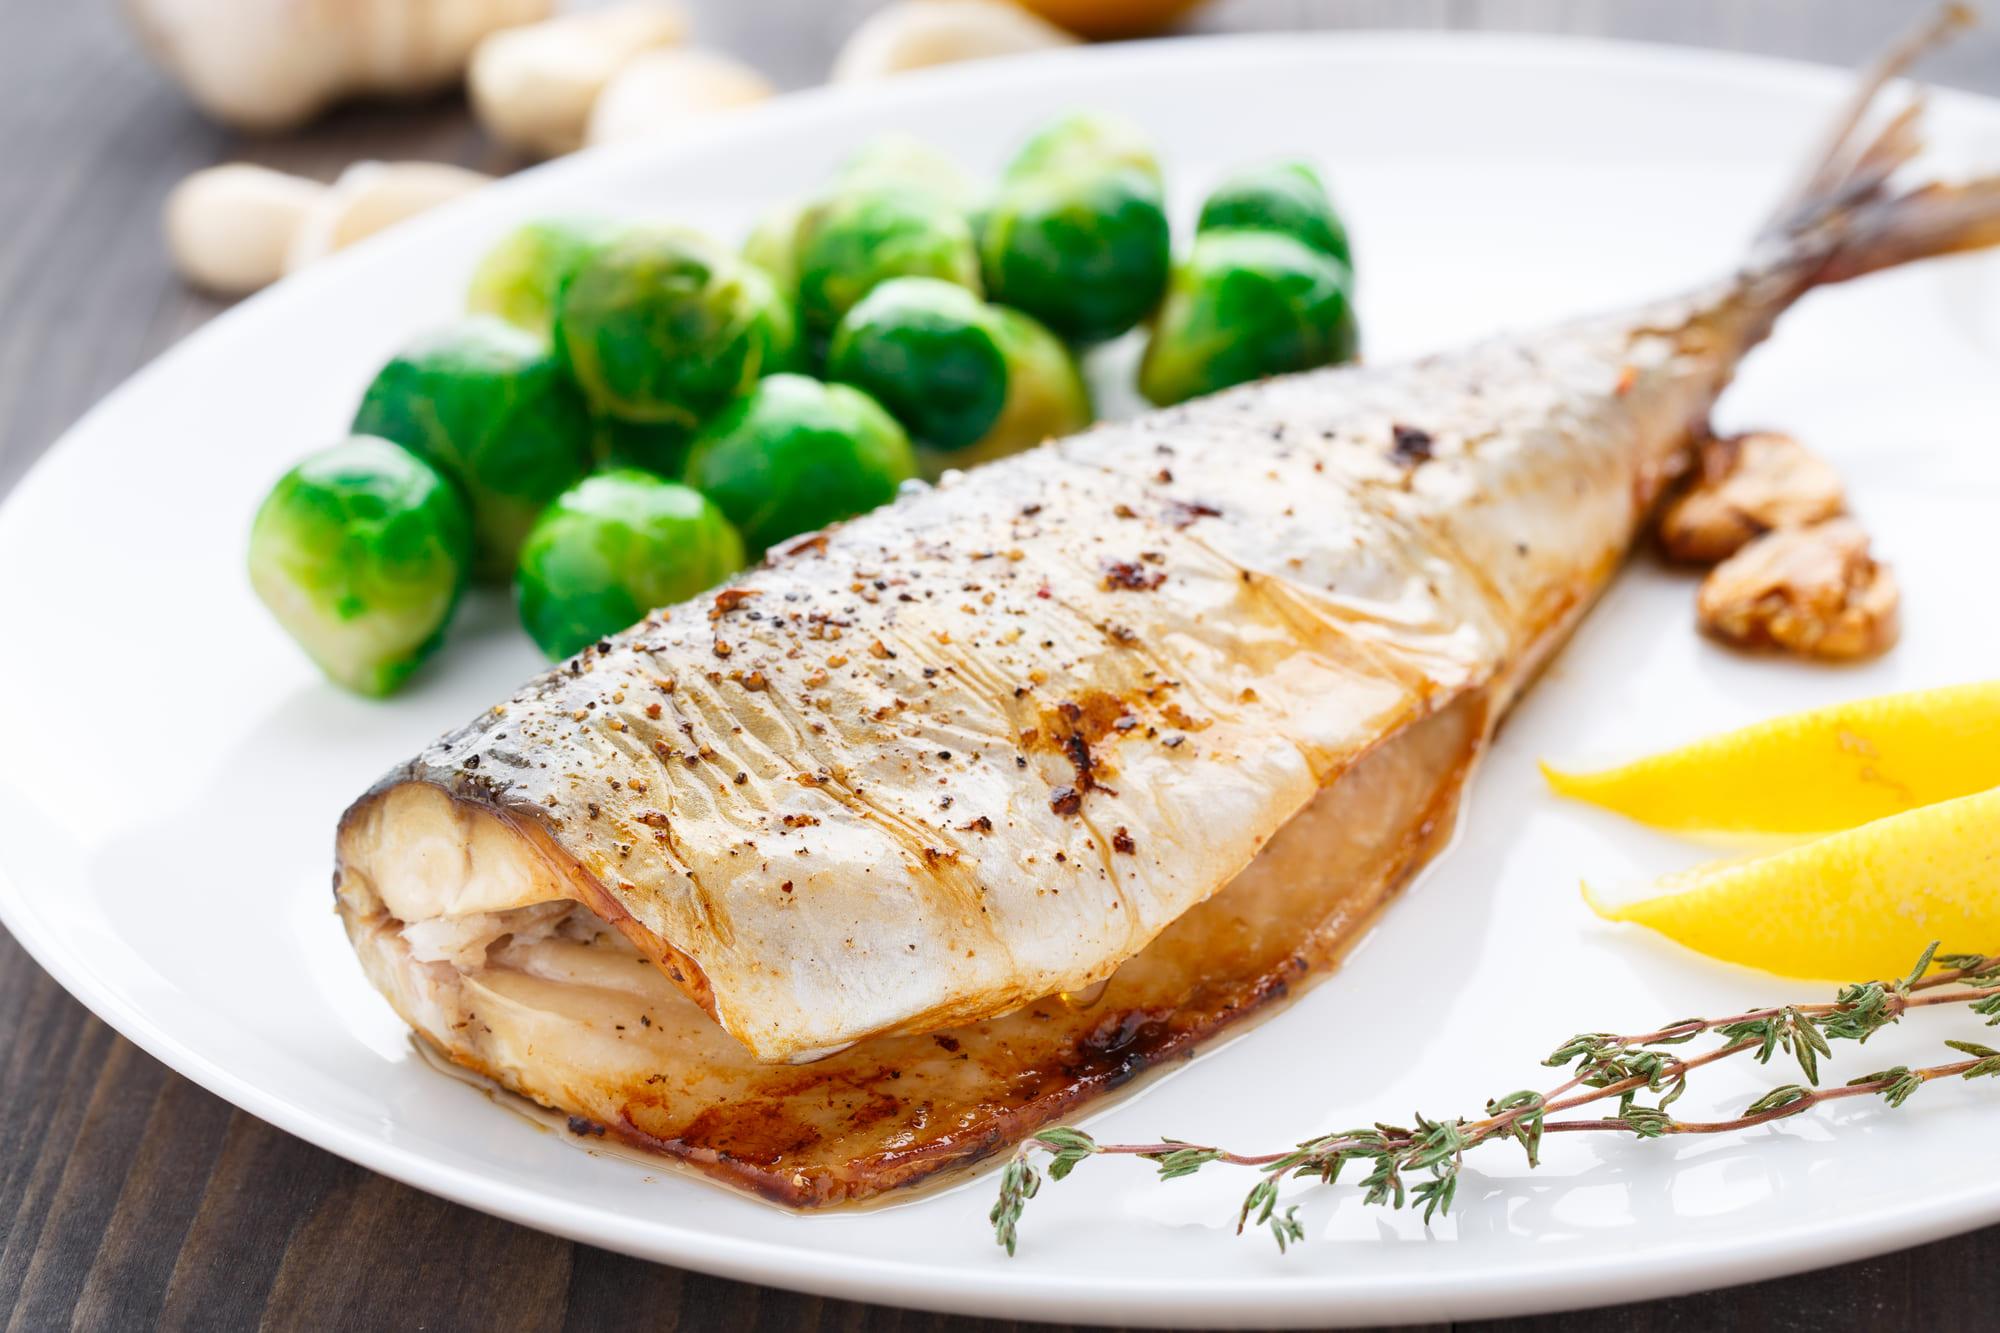 Вся польза моря в вашей тарелке: поговорим о скумбрии